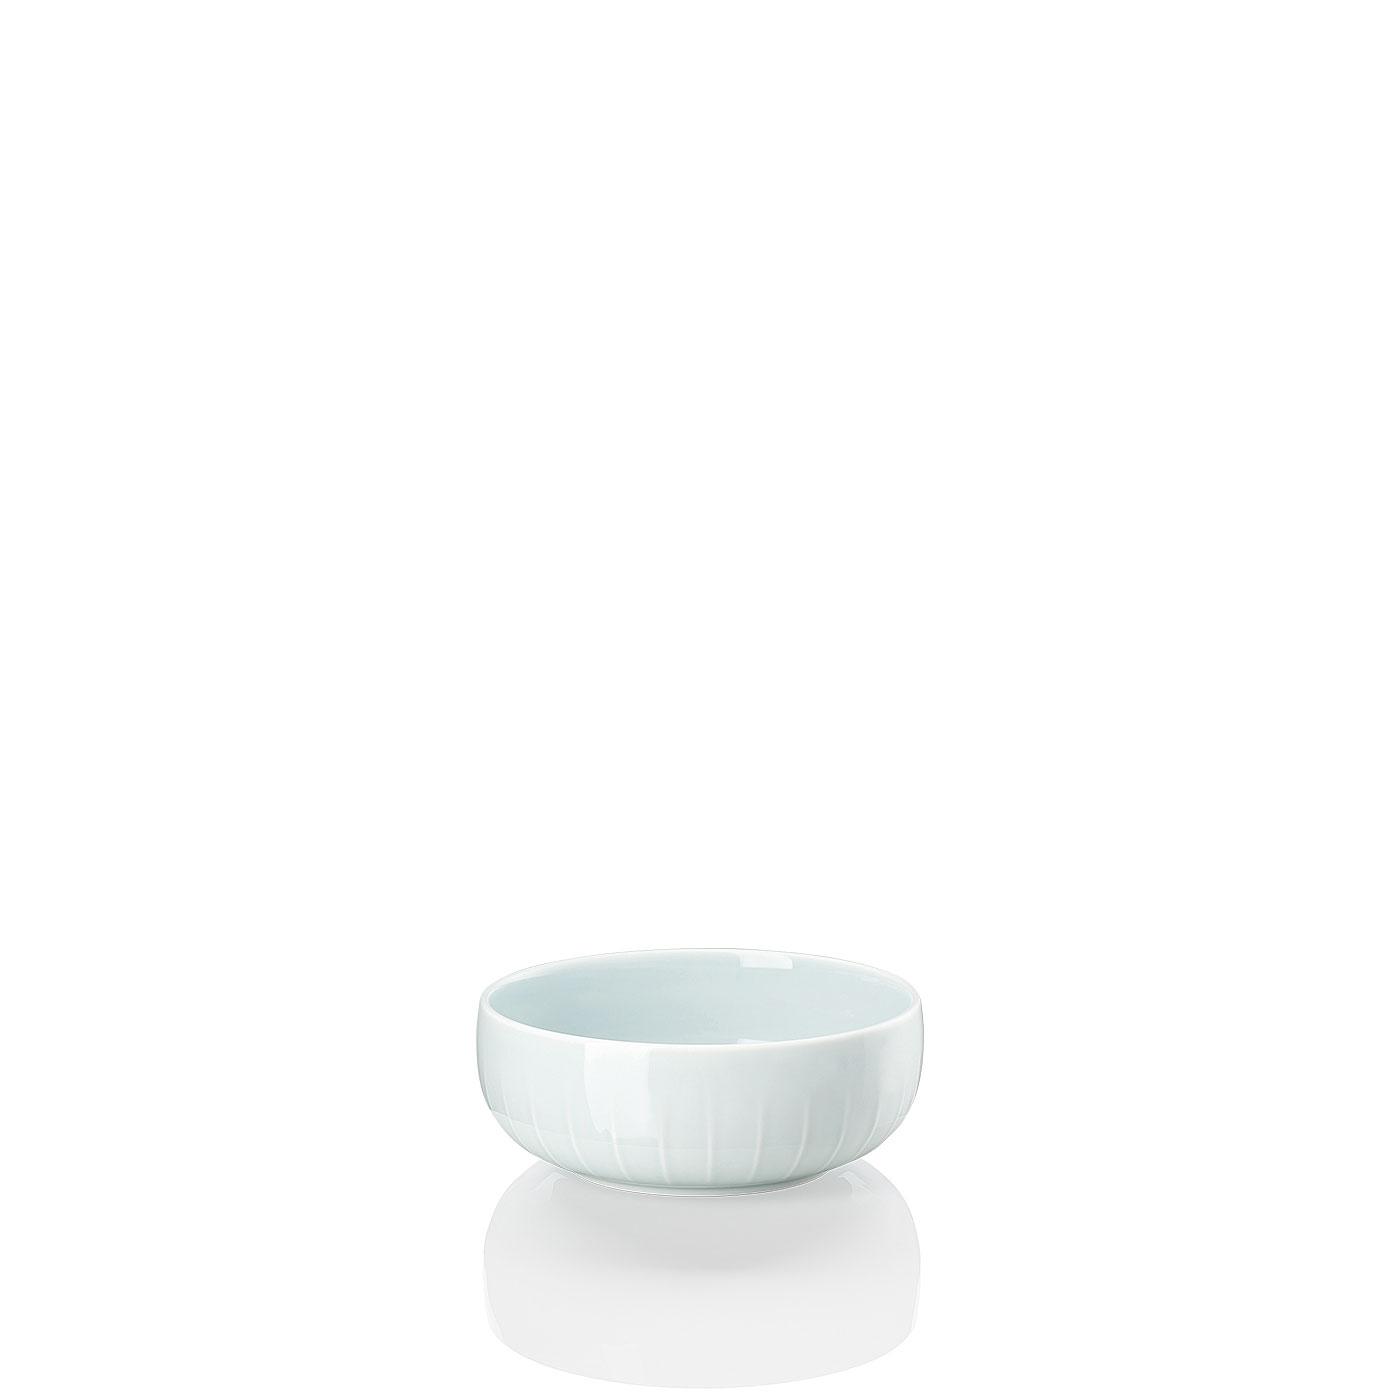 Schale 12 cm Joyn Mint Green Arzberg